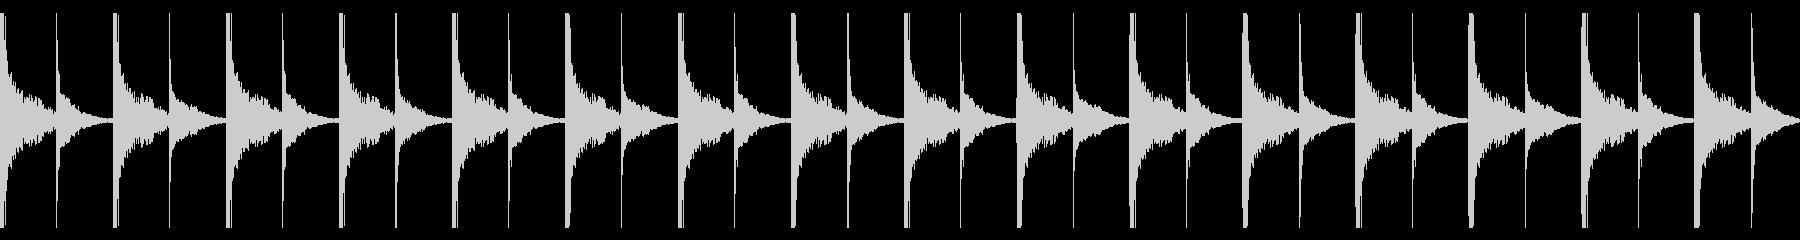 不穏なシンキングタイム(シロフォン)の未再生の波形